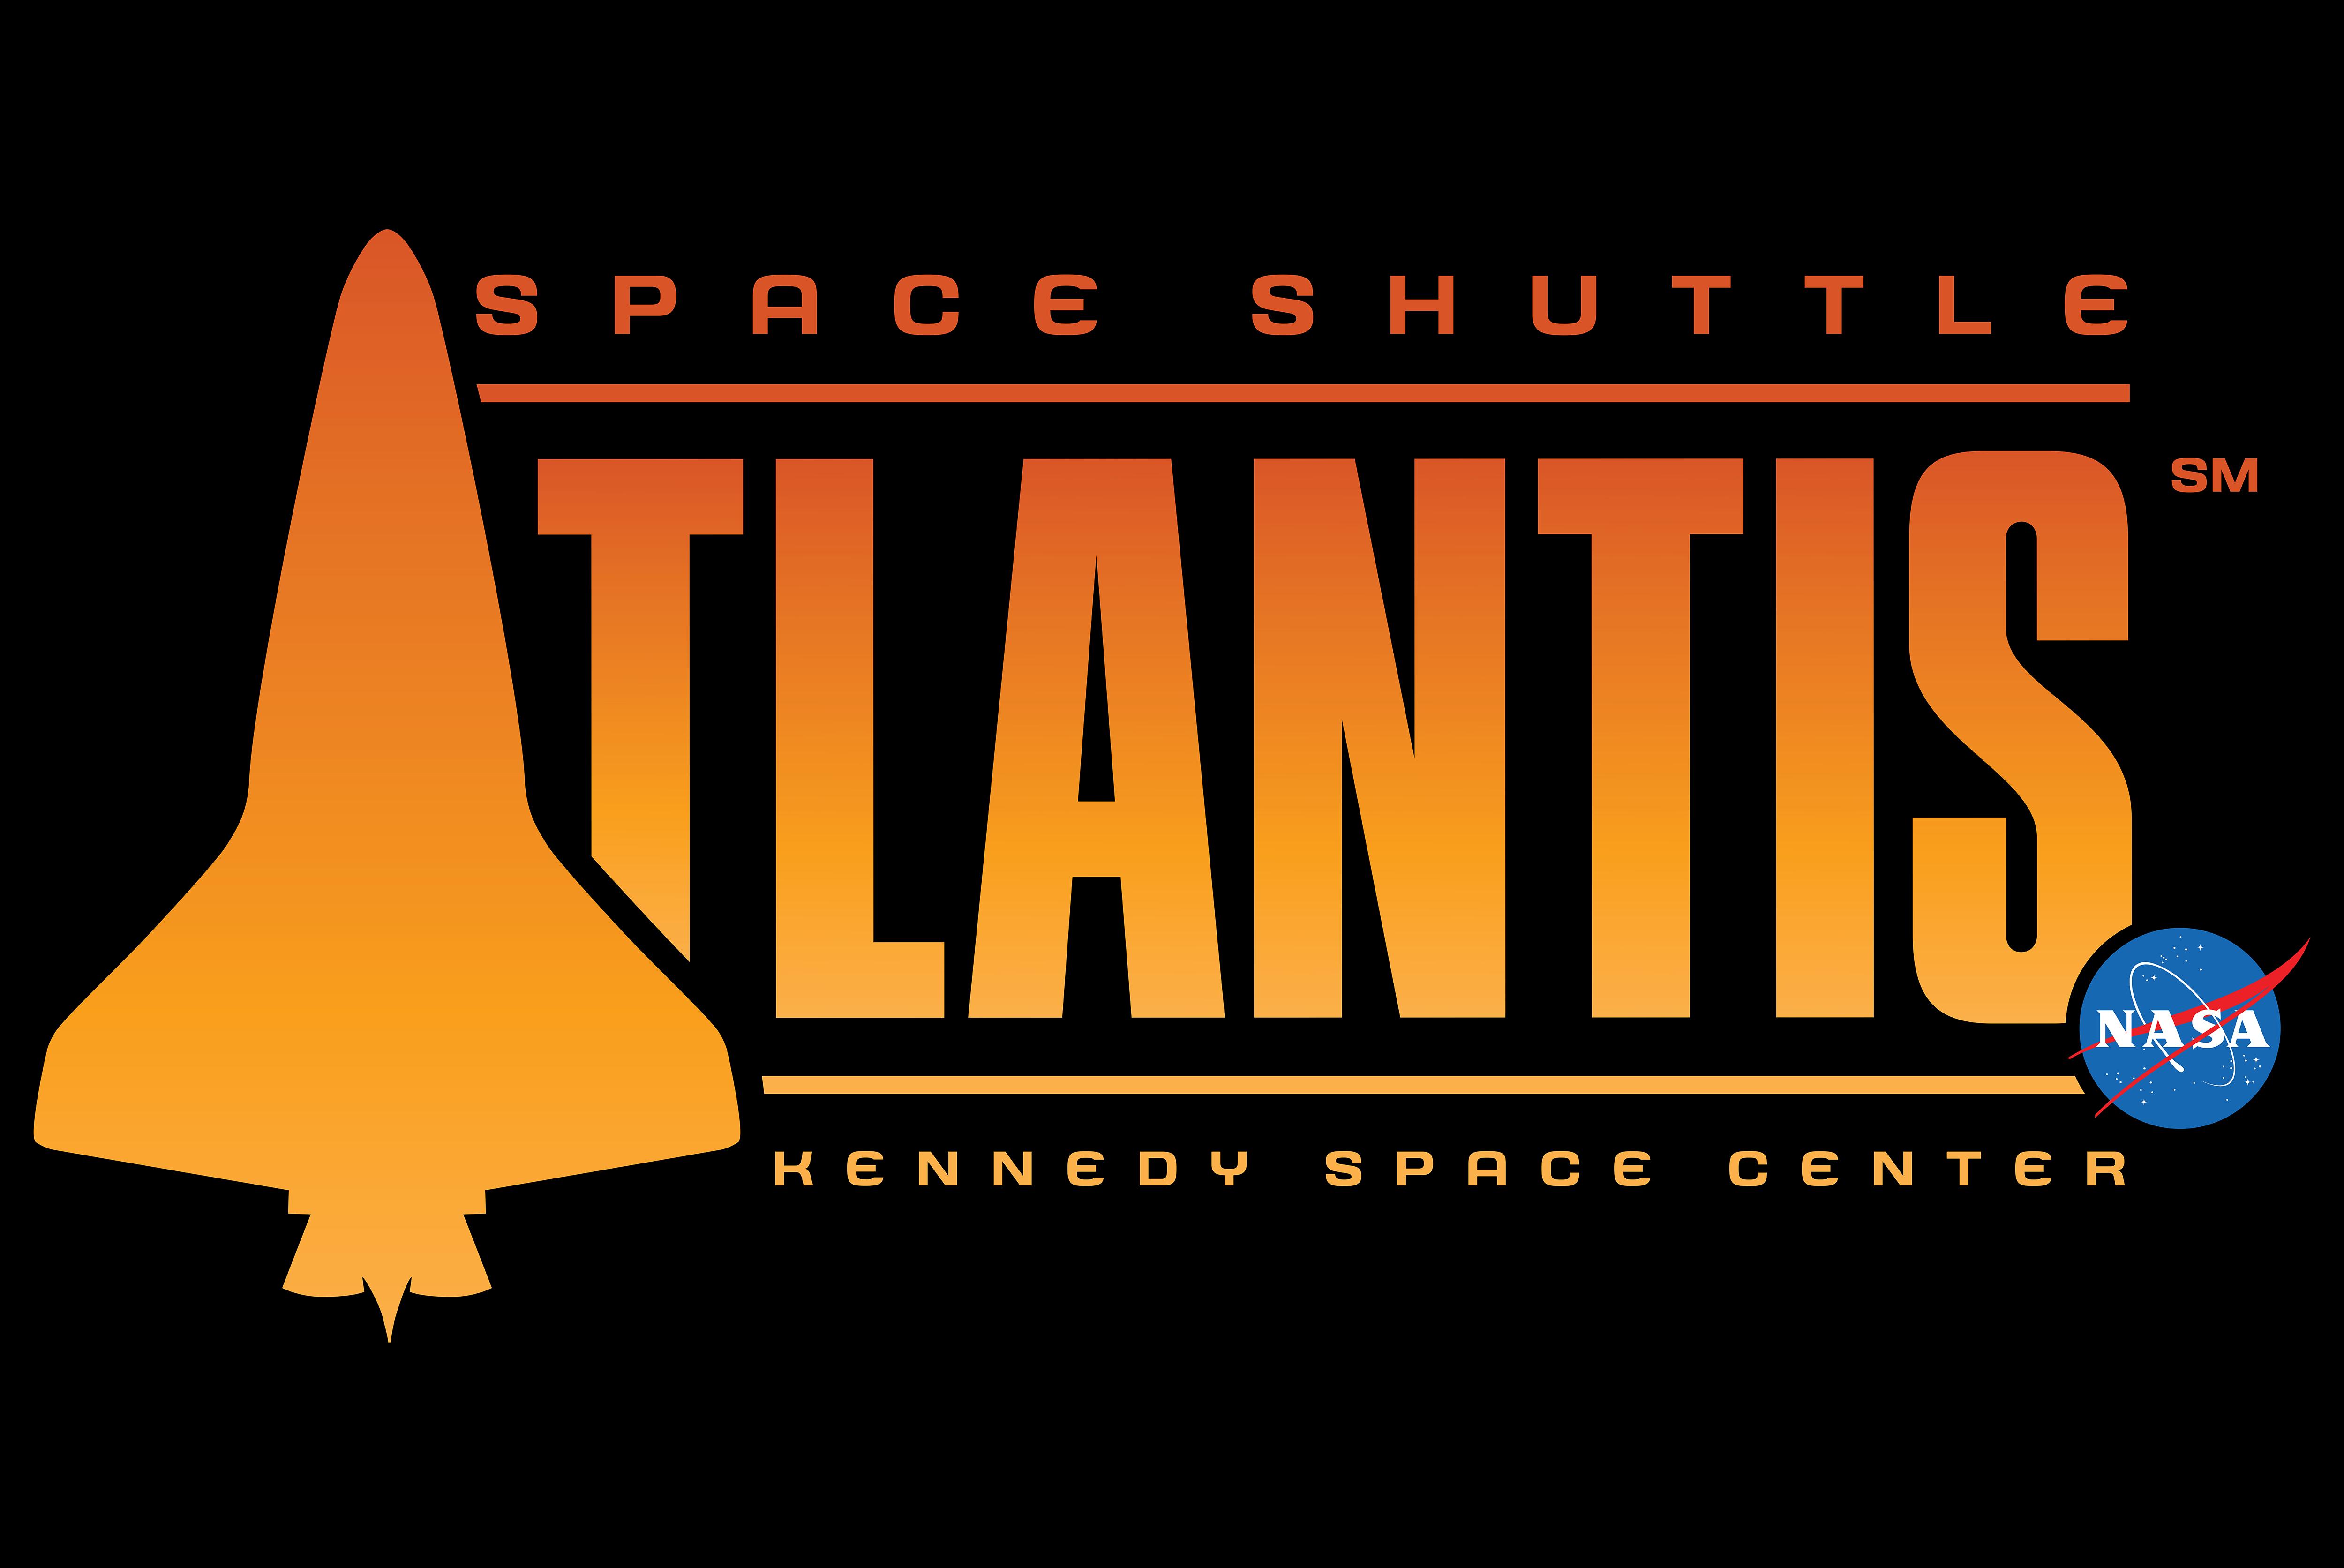 nasa shuttle logo - photo #30